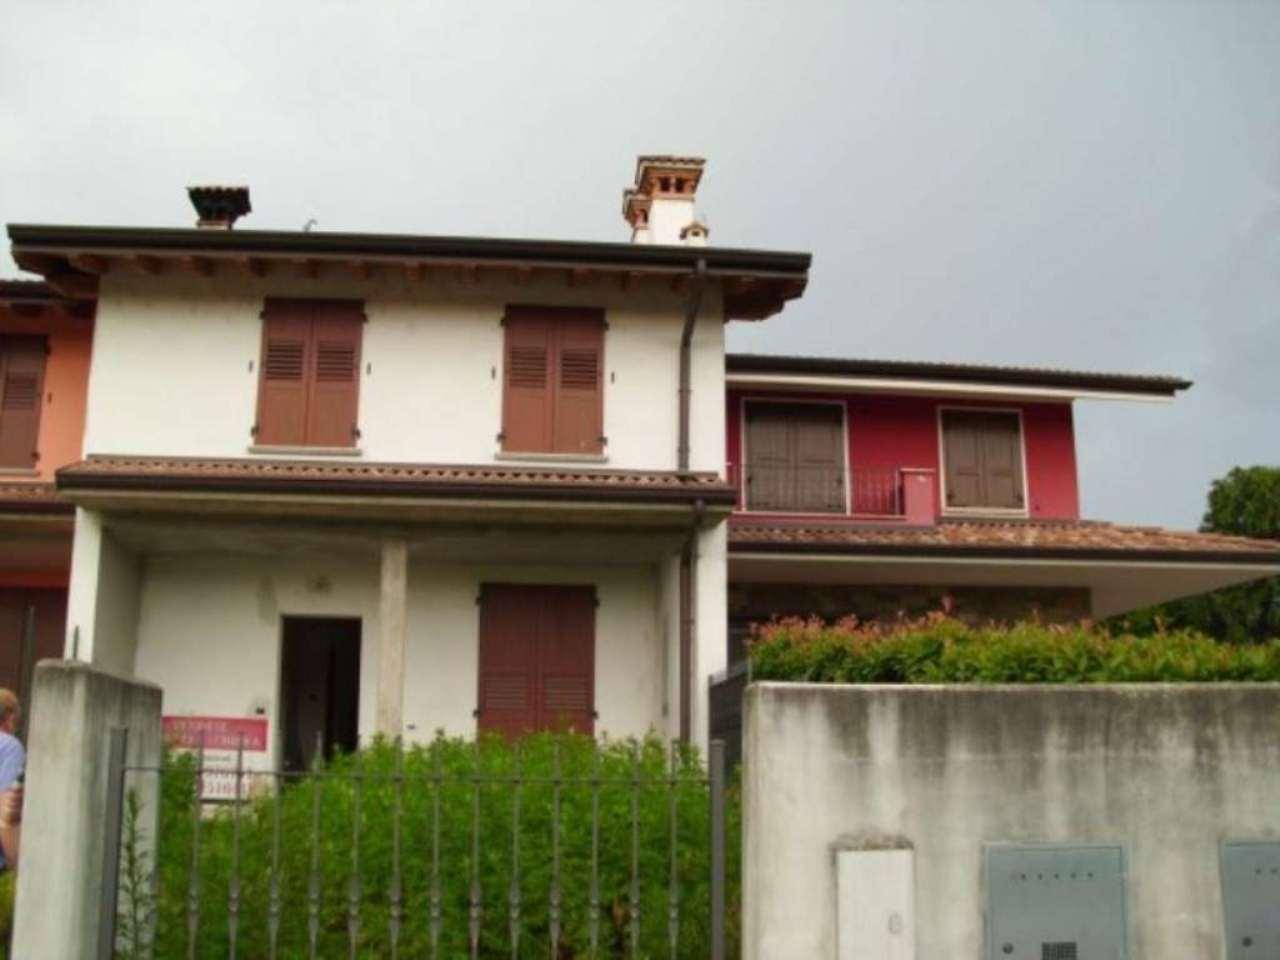 Villa in vendita a Cividate al Piano, 4 locali, prezzo € 238.000 | Cambio Casa.it